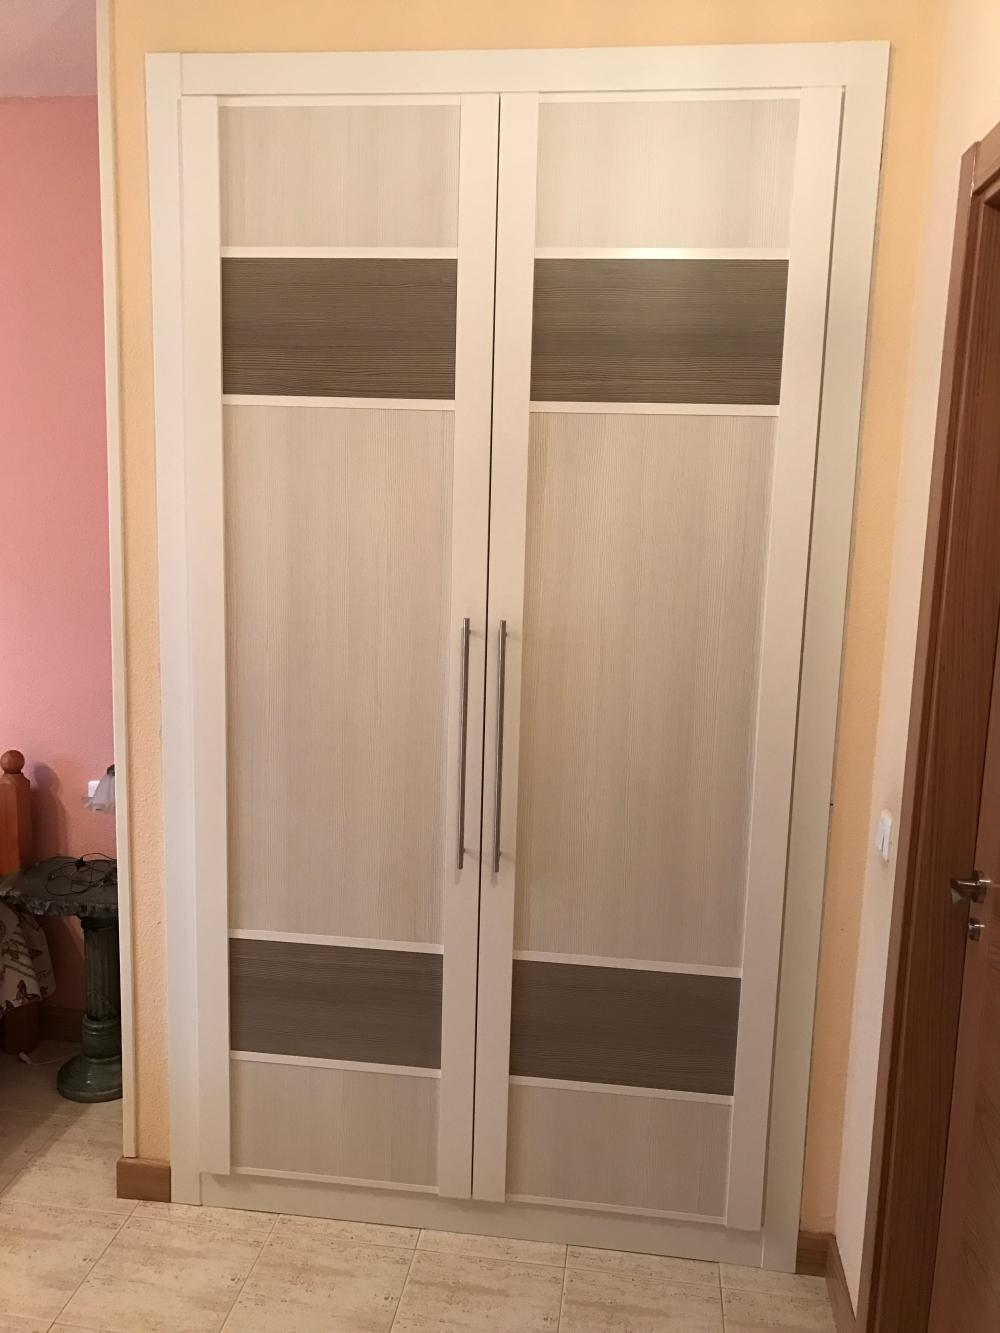 Puertas de paso baratas puertas de interior puertas de - Puertas interior blancas baratas ...